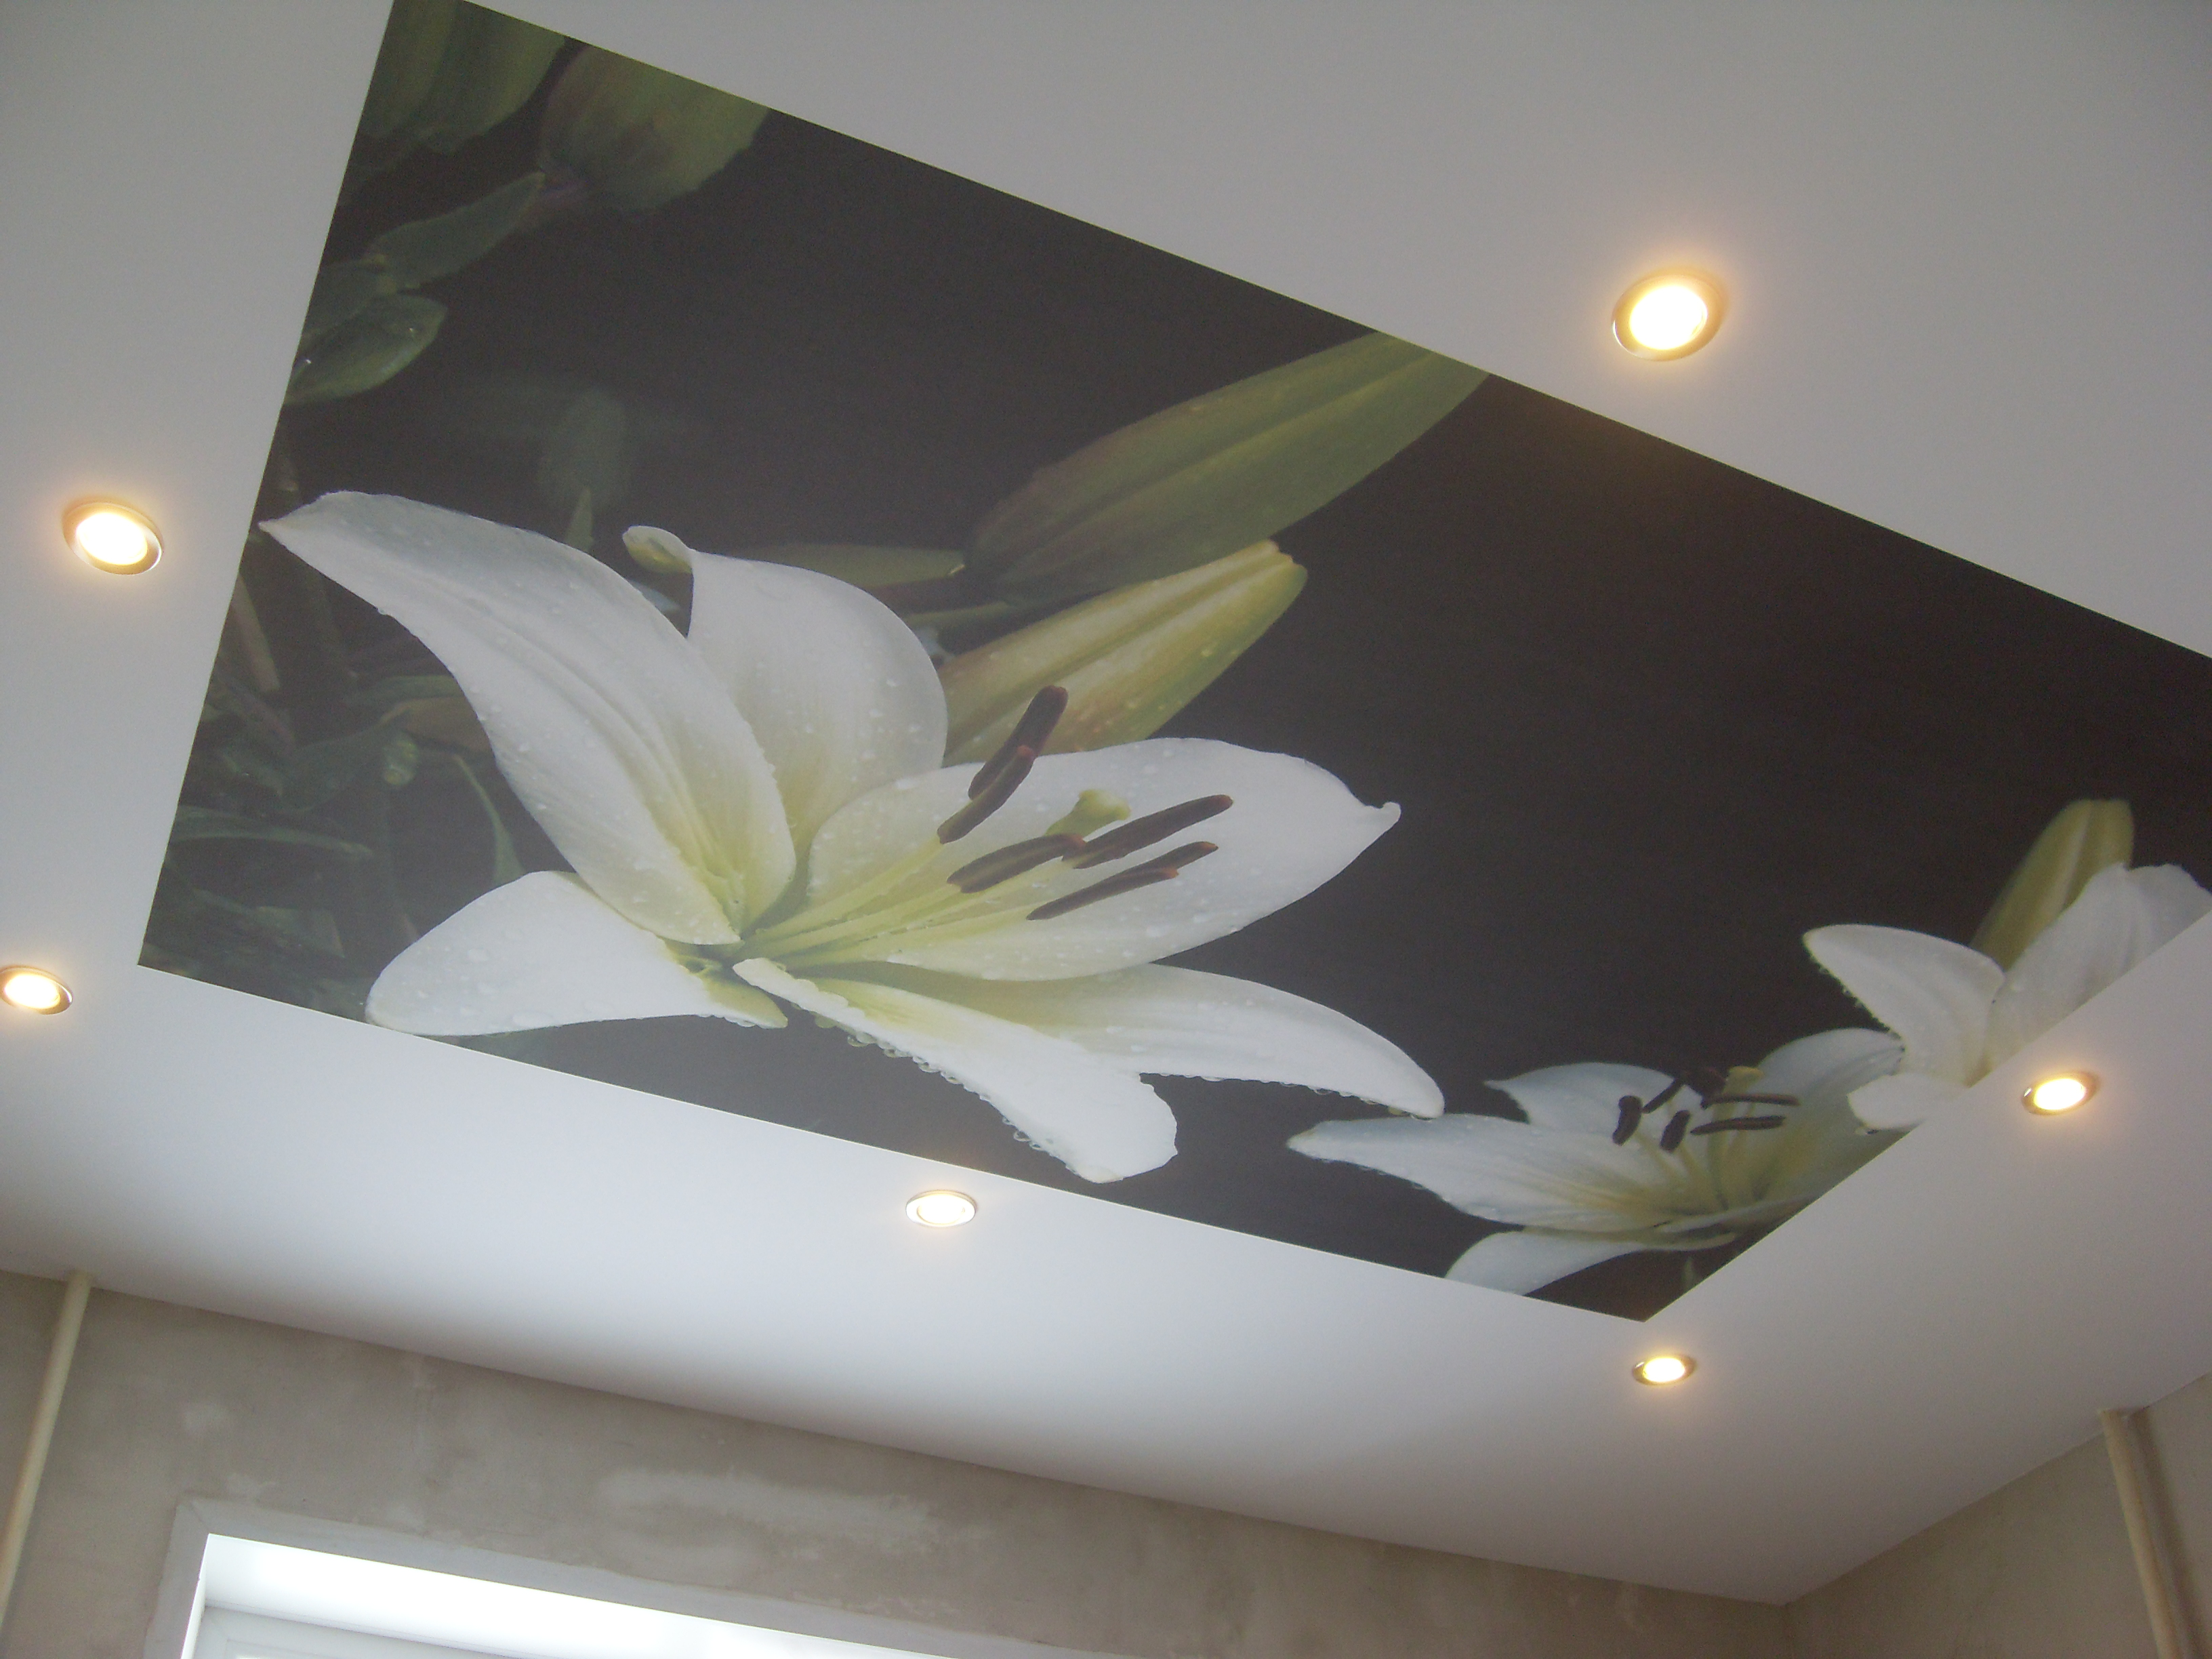 натяжные потолки фото цены установка натяжных потолков отзывы купить видео двухуровневые с установкой светильники + для монтаж натянуть Йошкар-Ола